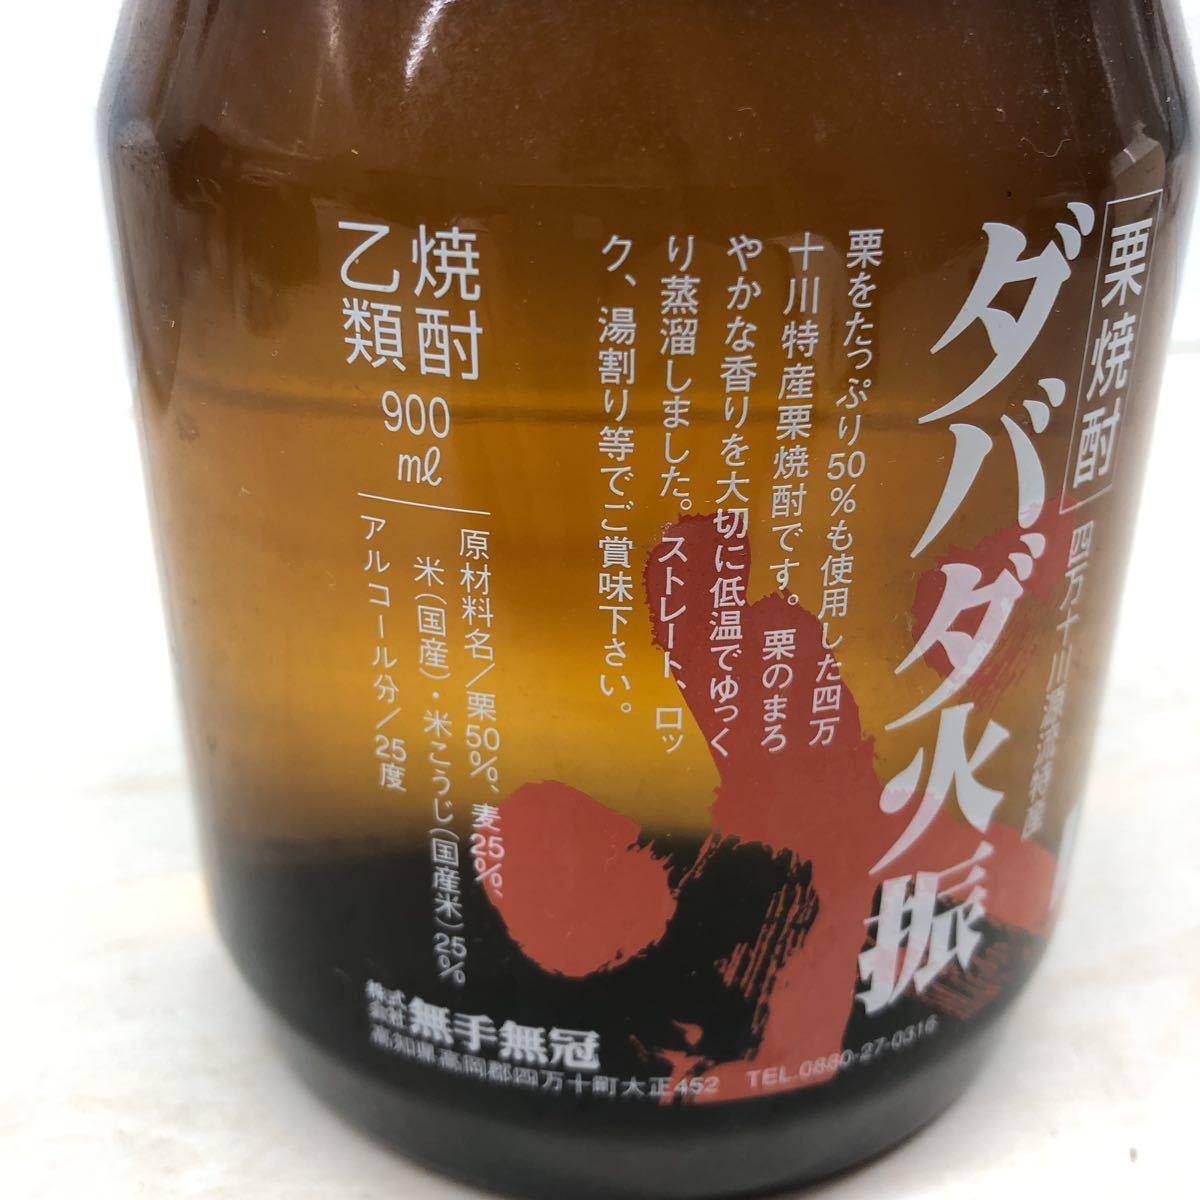 【9】「土佐焼酎」無手無冠 ダバダ火振 900ml 25度 栗焼酎 古酒_画像3